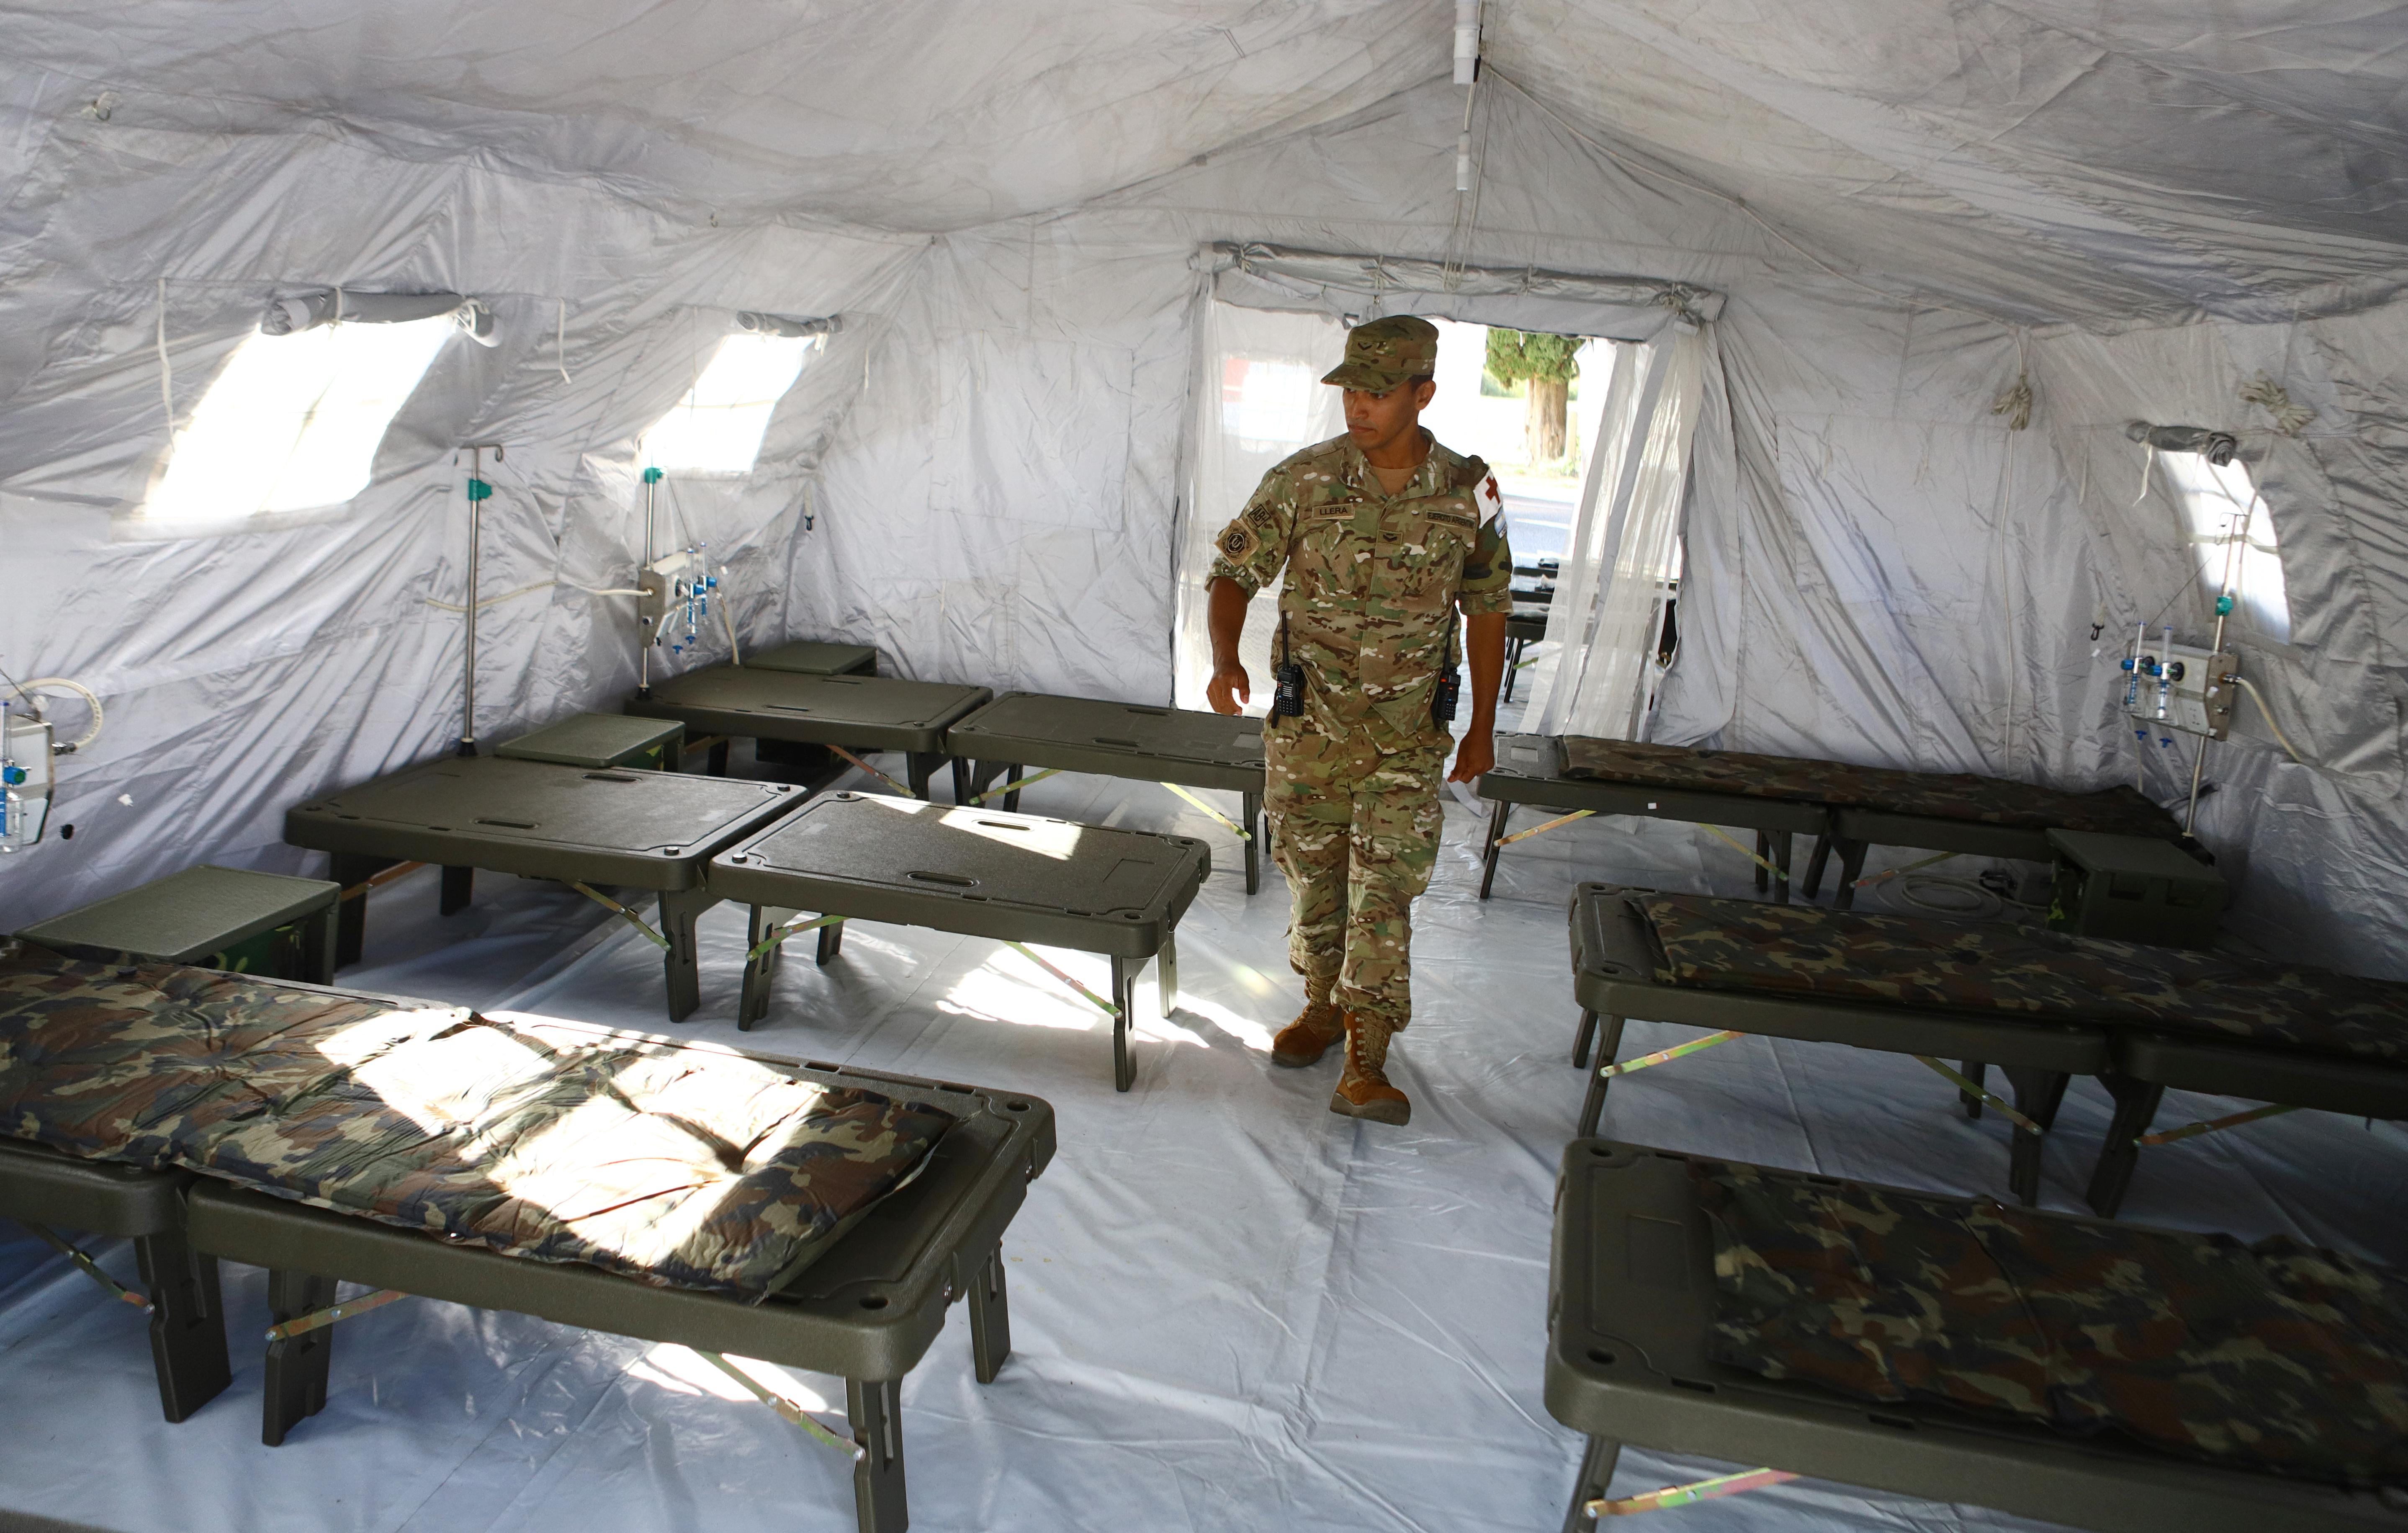 Una imagen del Hospital Militar Reubicable, que se instaló en Campo de Mayo para pacientes con COVID-19. Tiene tres unidades, y la principal es la médica, que consta de cinco módulos y cuatro carpas para internación de siete camas cada una, con posibilidad de tener provisión de oxígeno en cada cabecera. A esas 28 camas se le suma una unidad de emergencia provista con un equipo de rayos y diagnóstico por ultrasonido que incluye un equipo portátil, laboratorio bioquímico, un ecógrafo, y una central de comunicaciones.